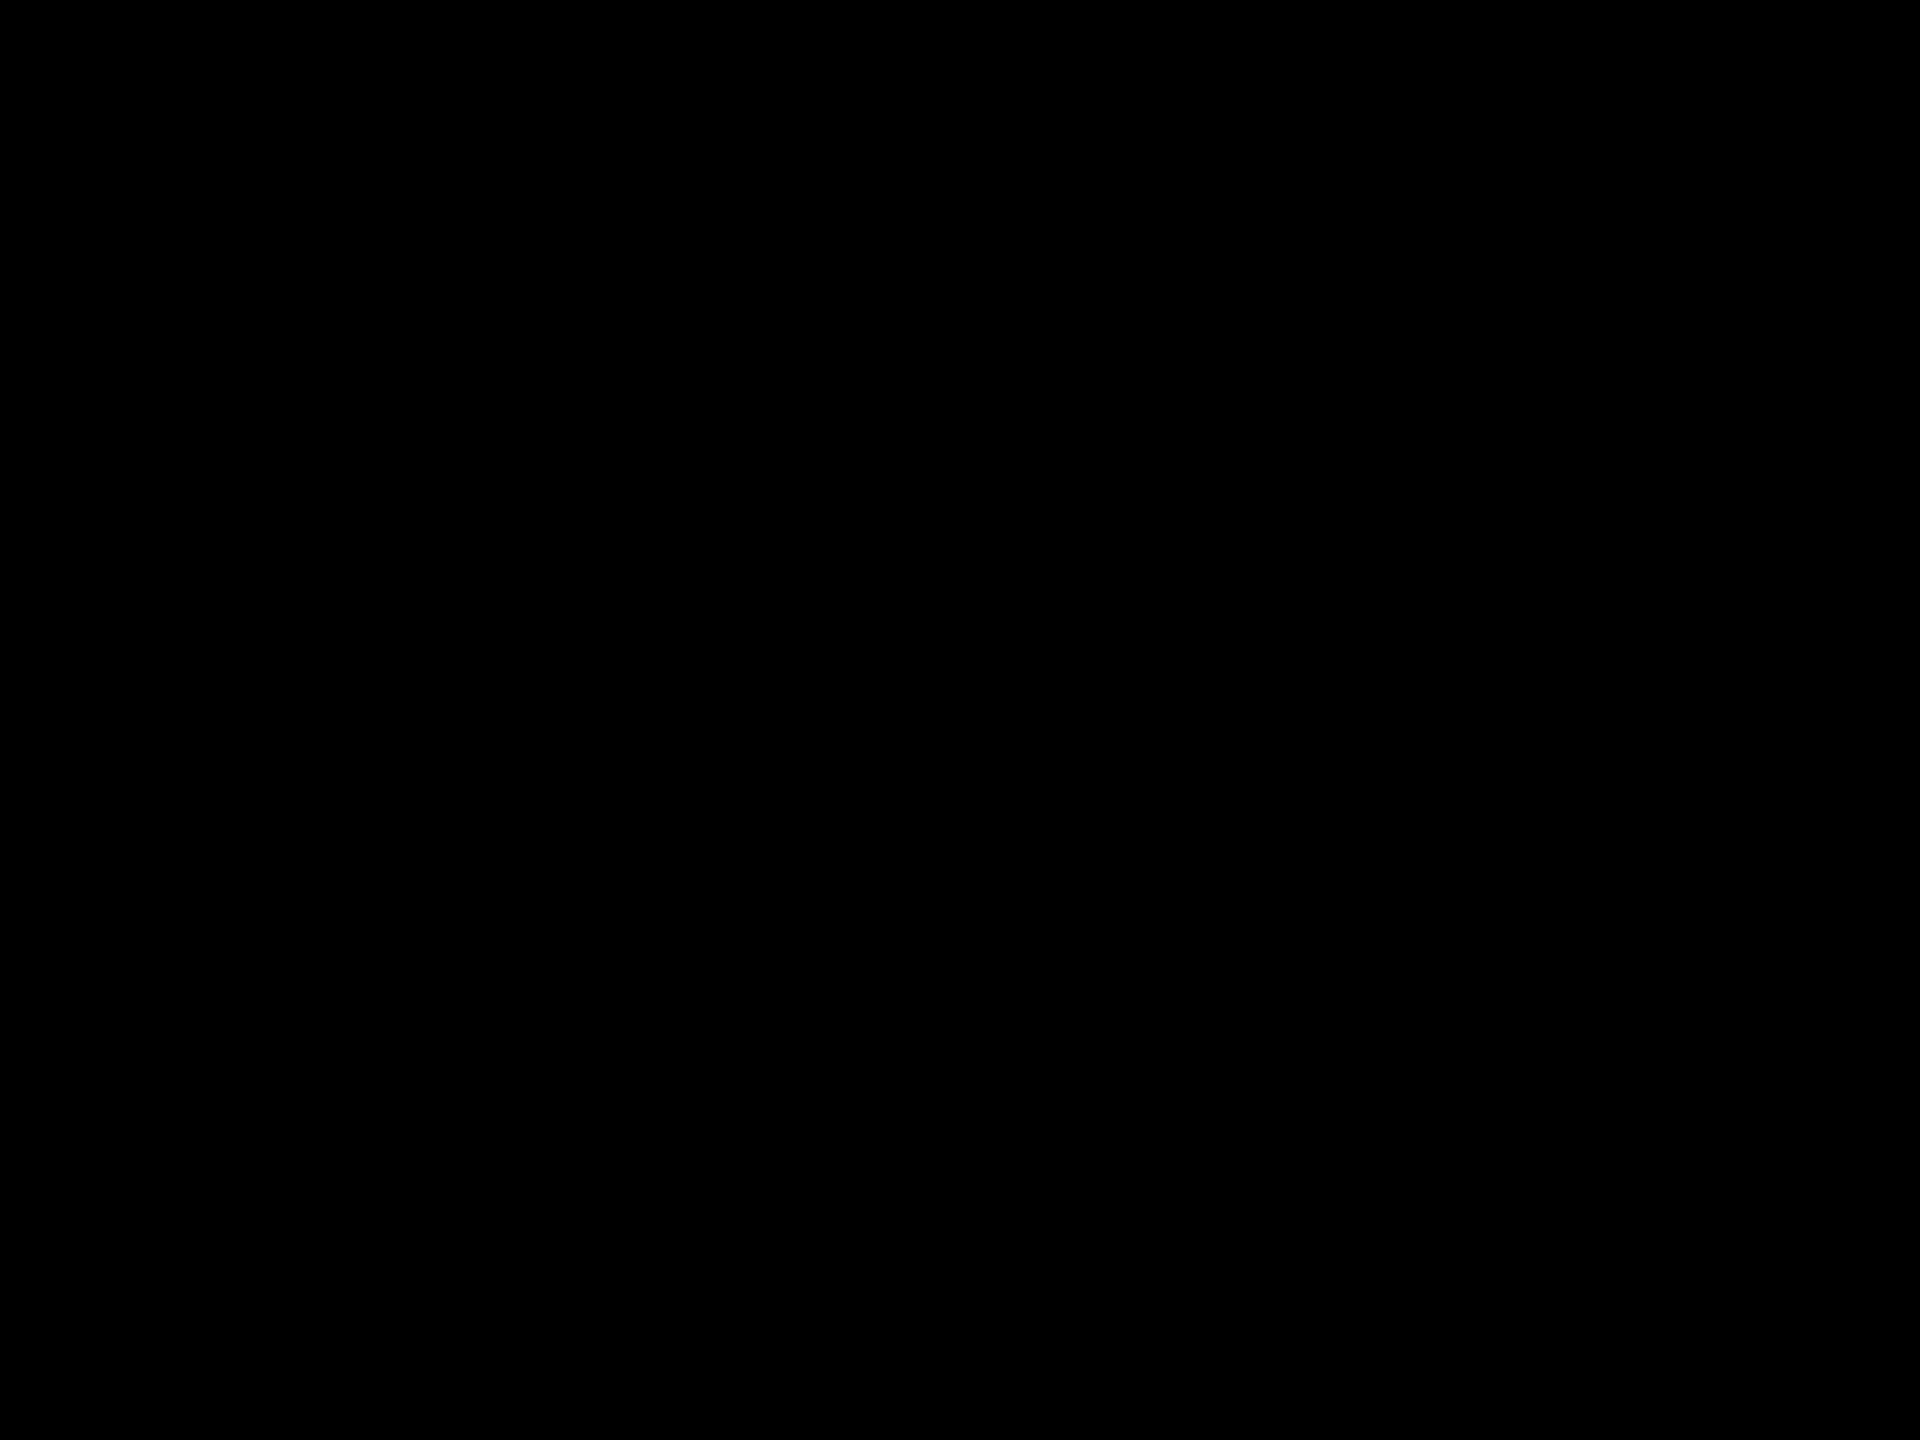 東急電鉄 5050系の型紙(細帯のみ)